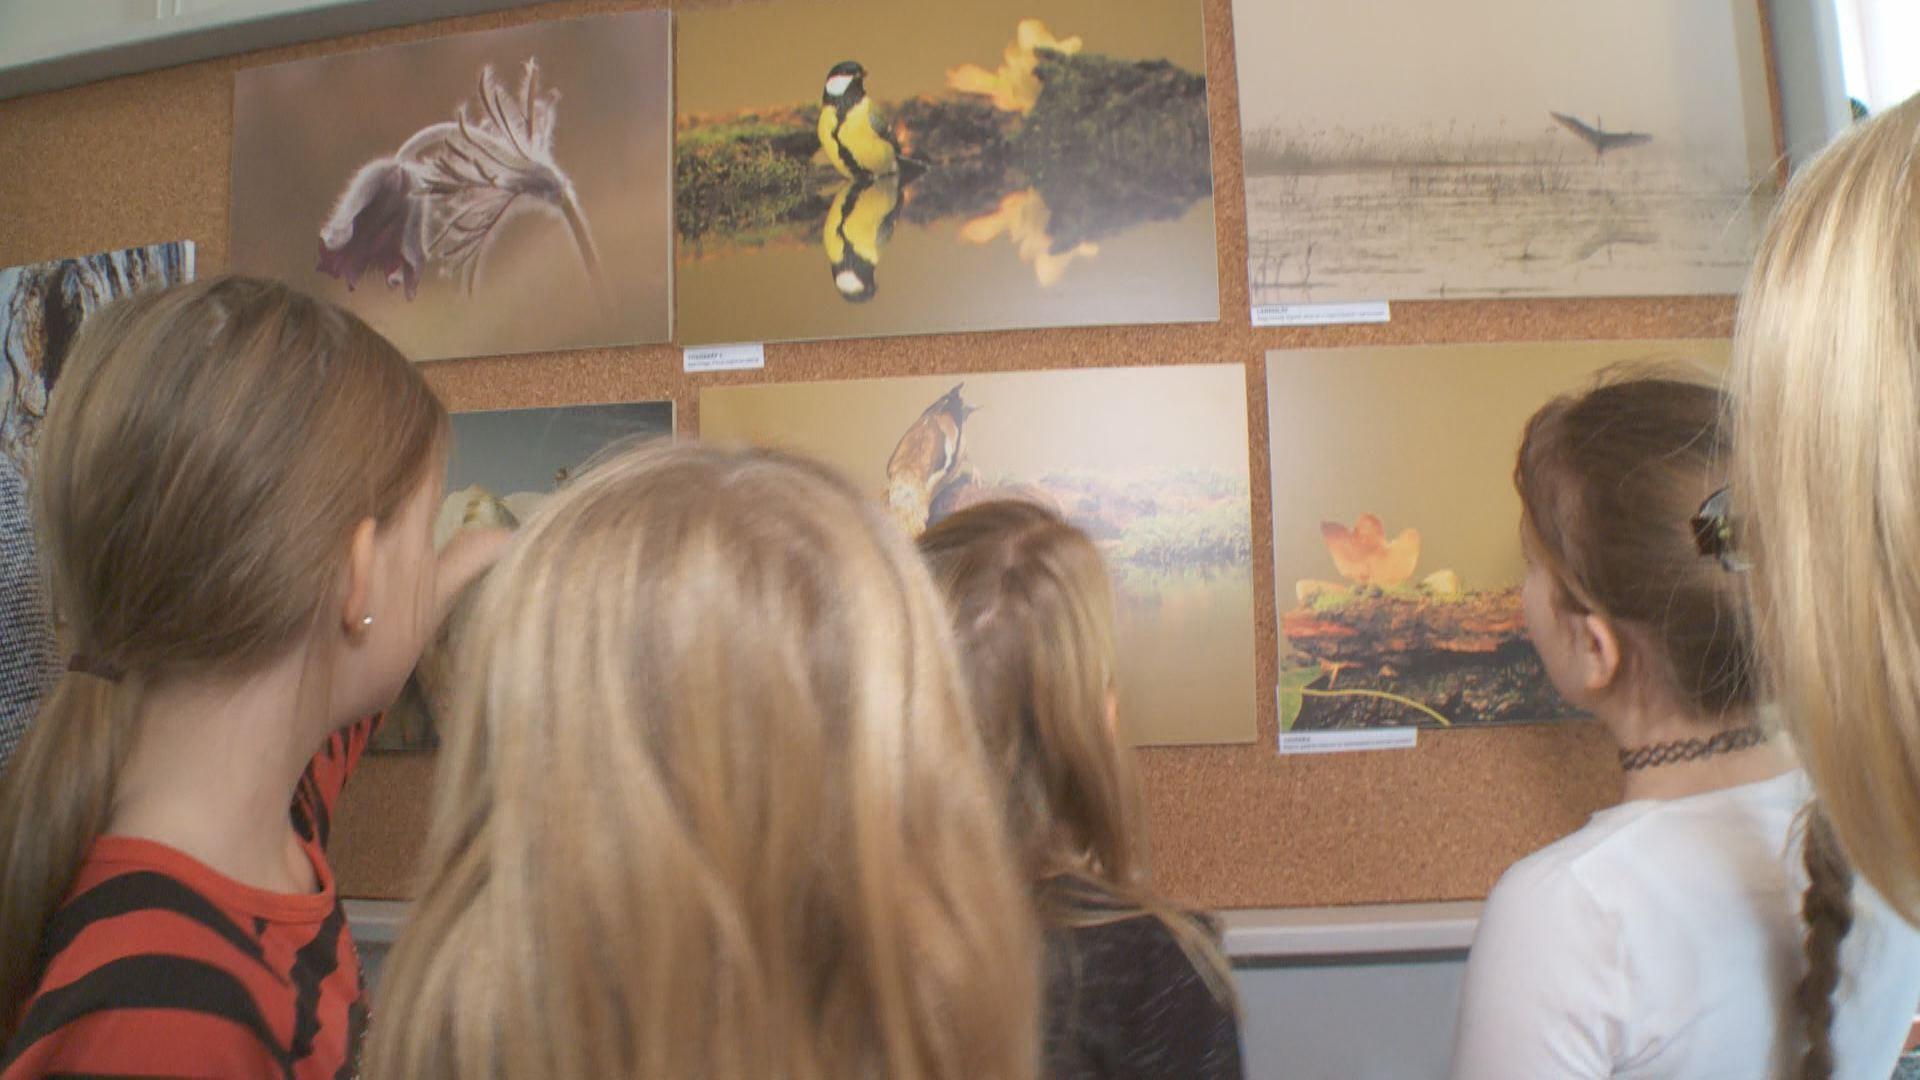 febc0b125a ... első nagyszabású kiállítása nem is lehetett volna más, mint a  természetnek a megörökítése - mondta Suhai Zsolt, Palini Általános Iskola  igazgatója.